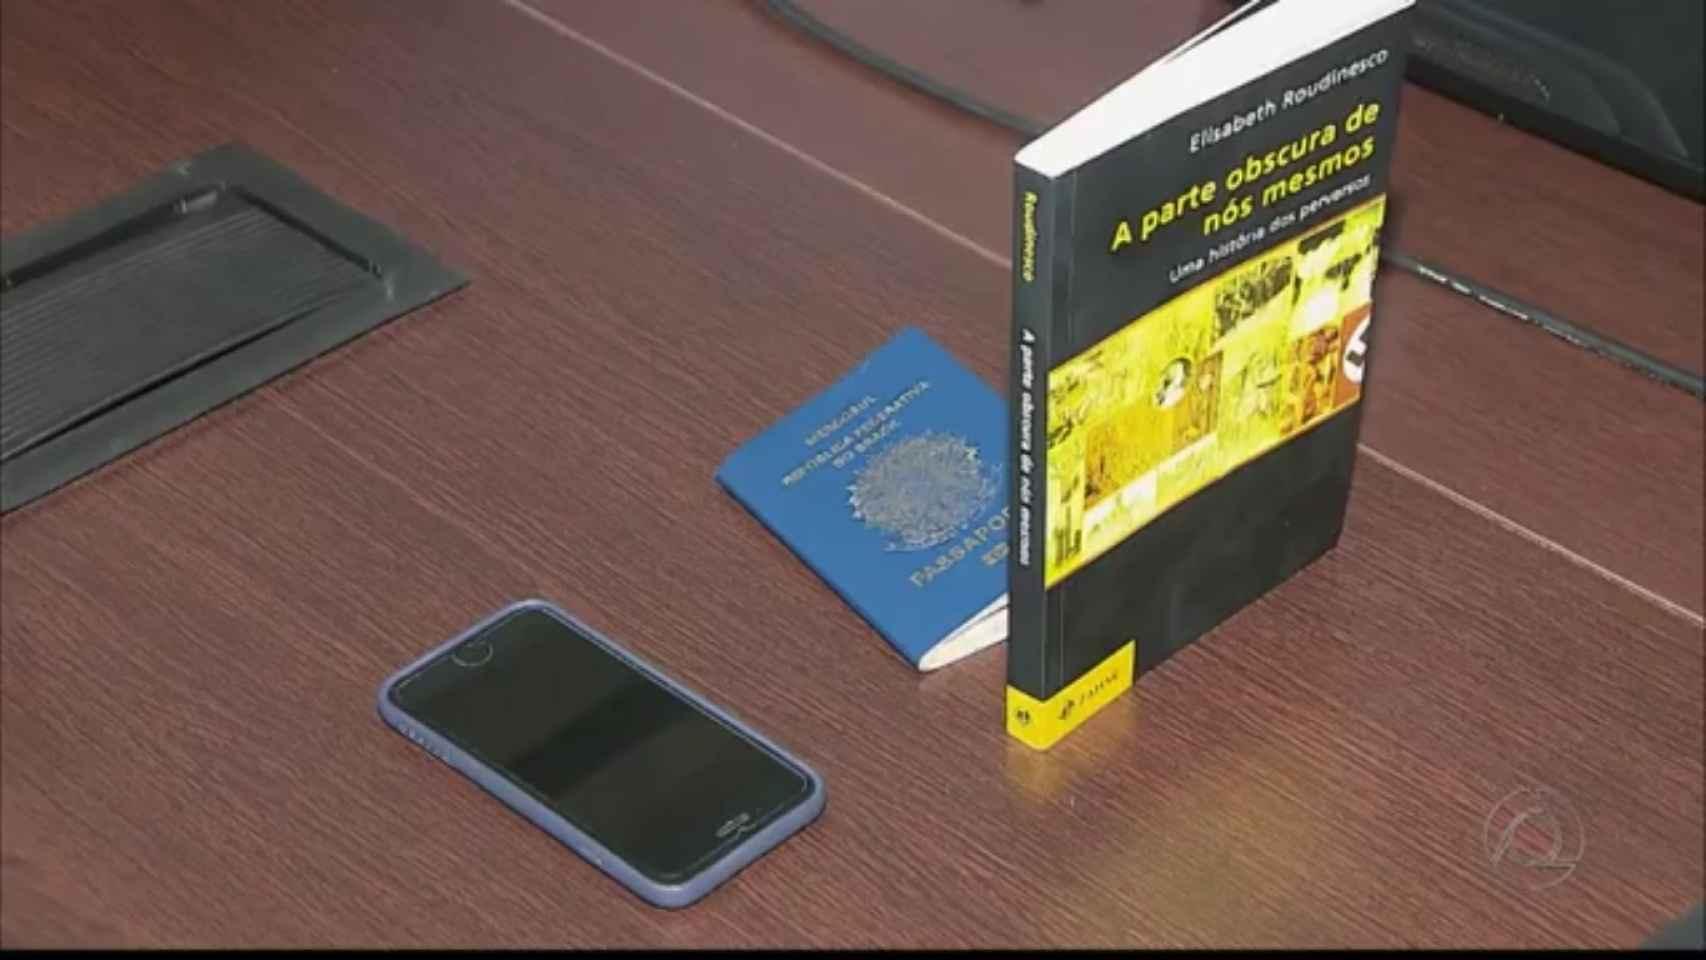 Las pertenencias de Marvin requisadas por la Policía. Entre ellas, el libro.